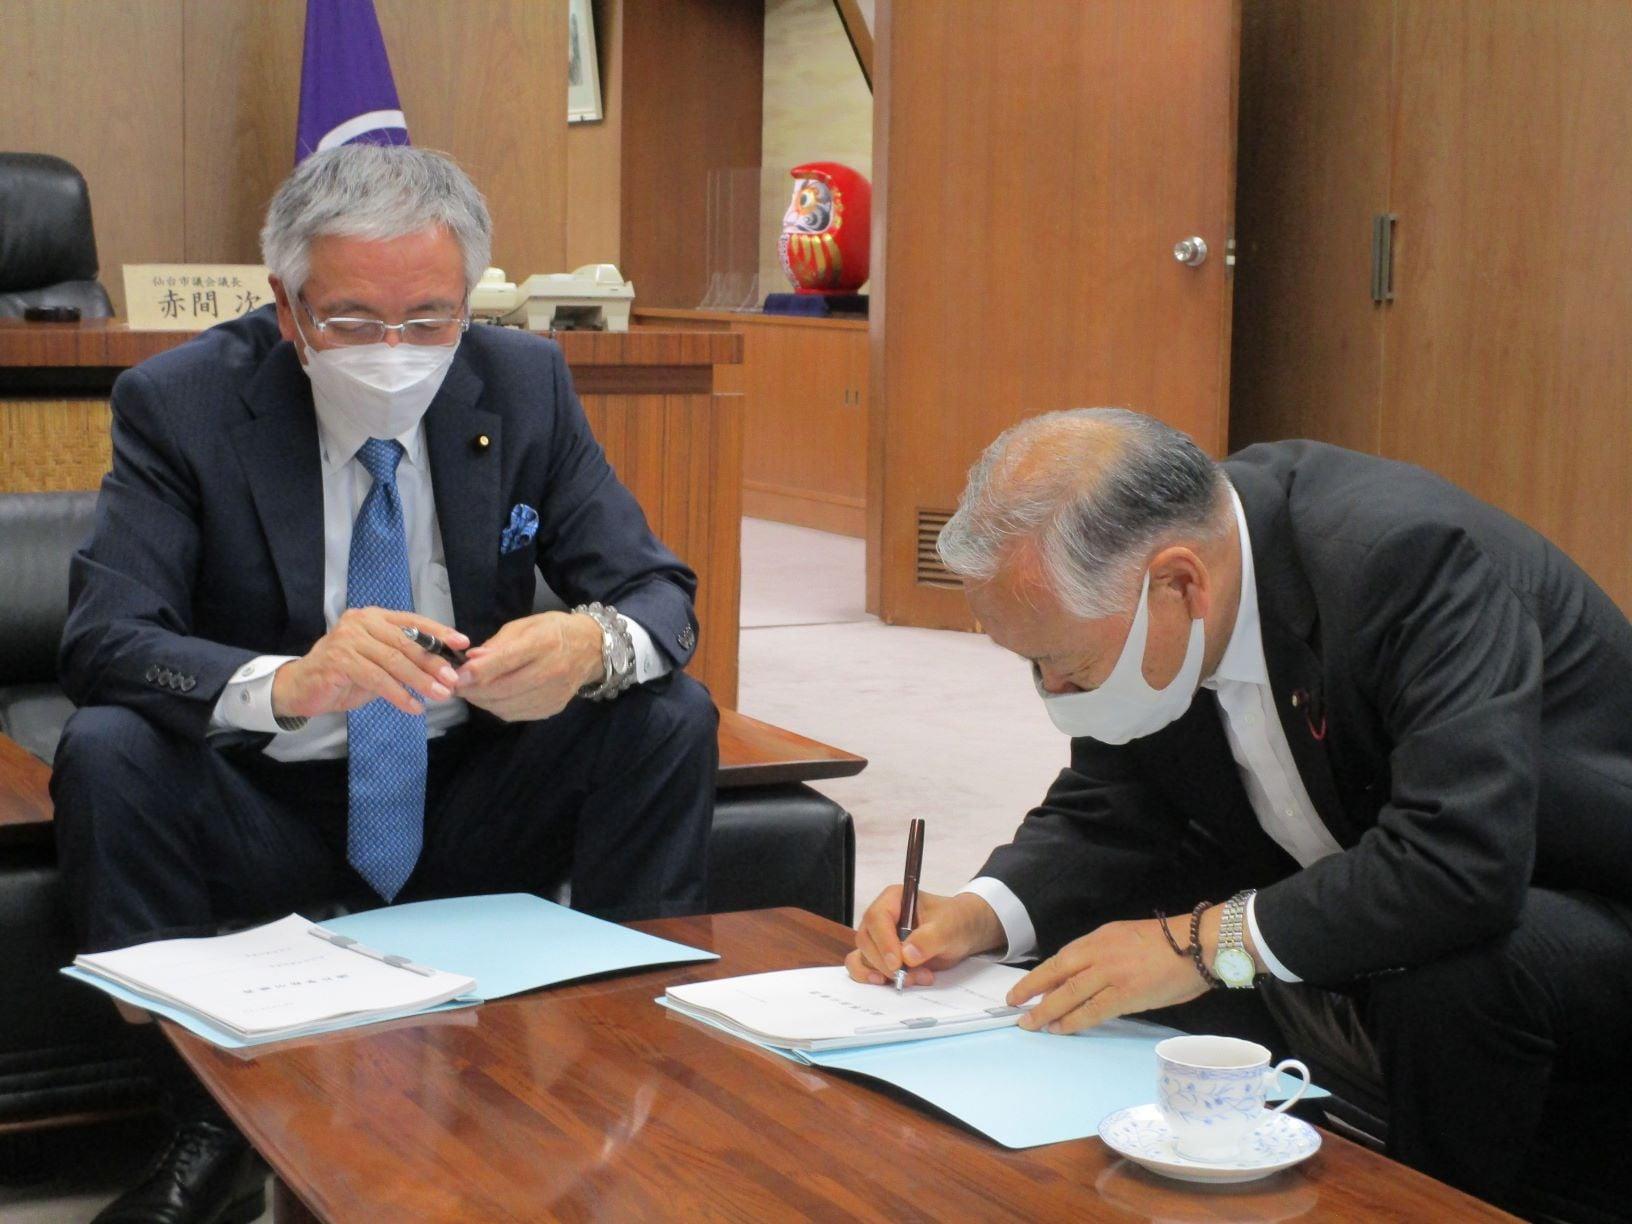 令和3年9月10日 新議長 赤間次彦氏に事務引継ぎをおこないました。